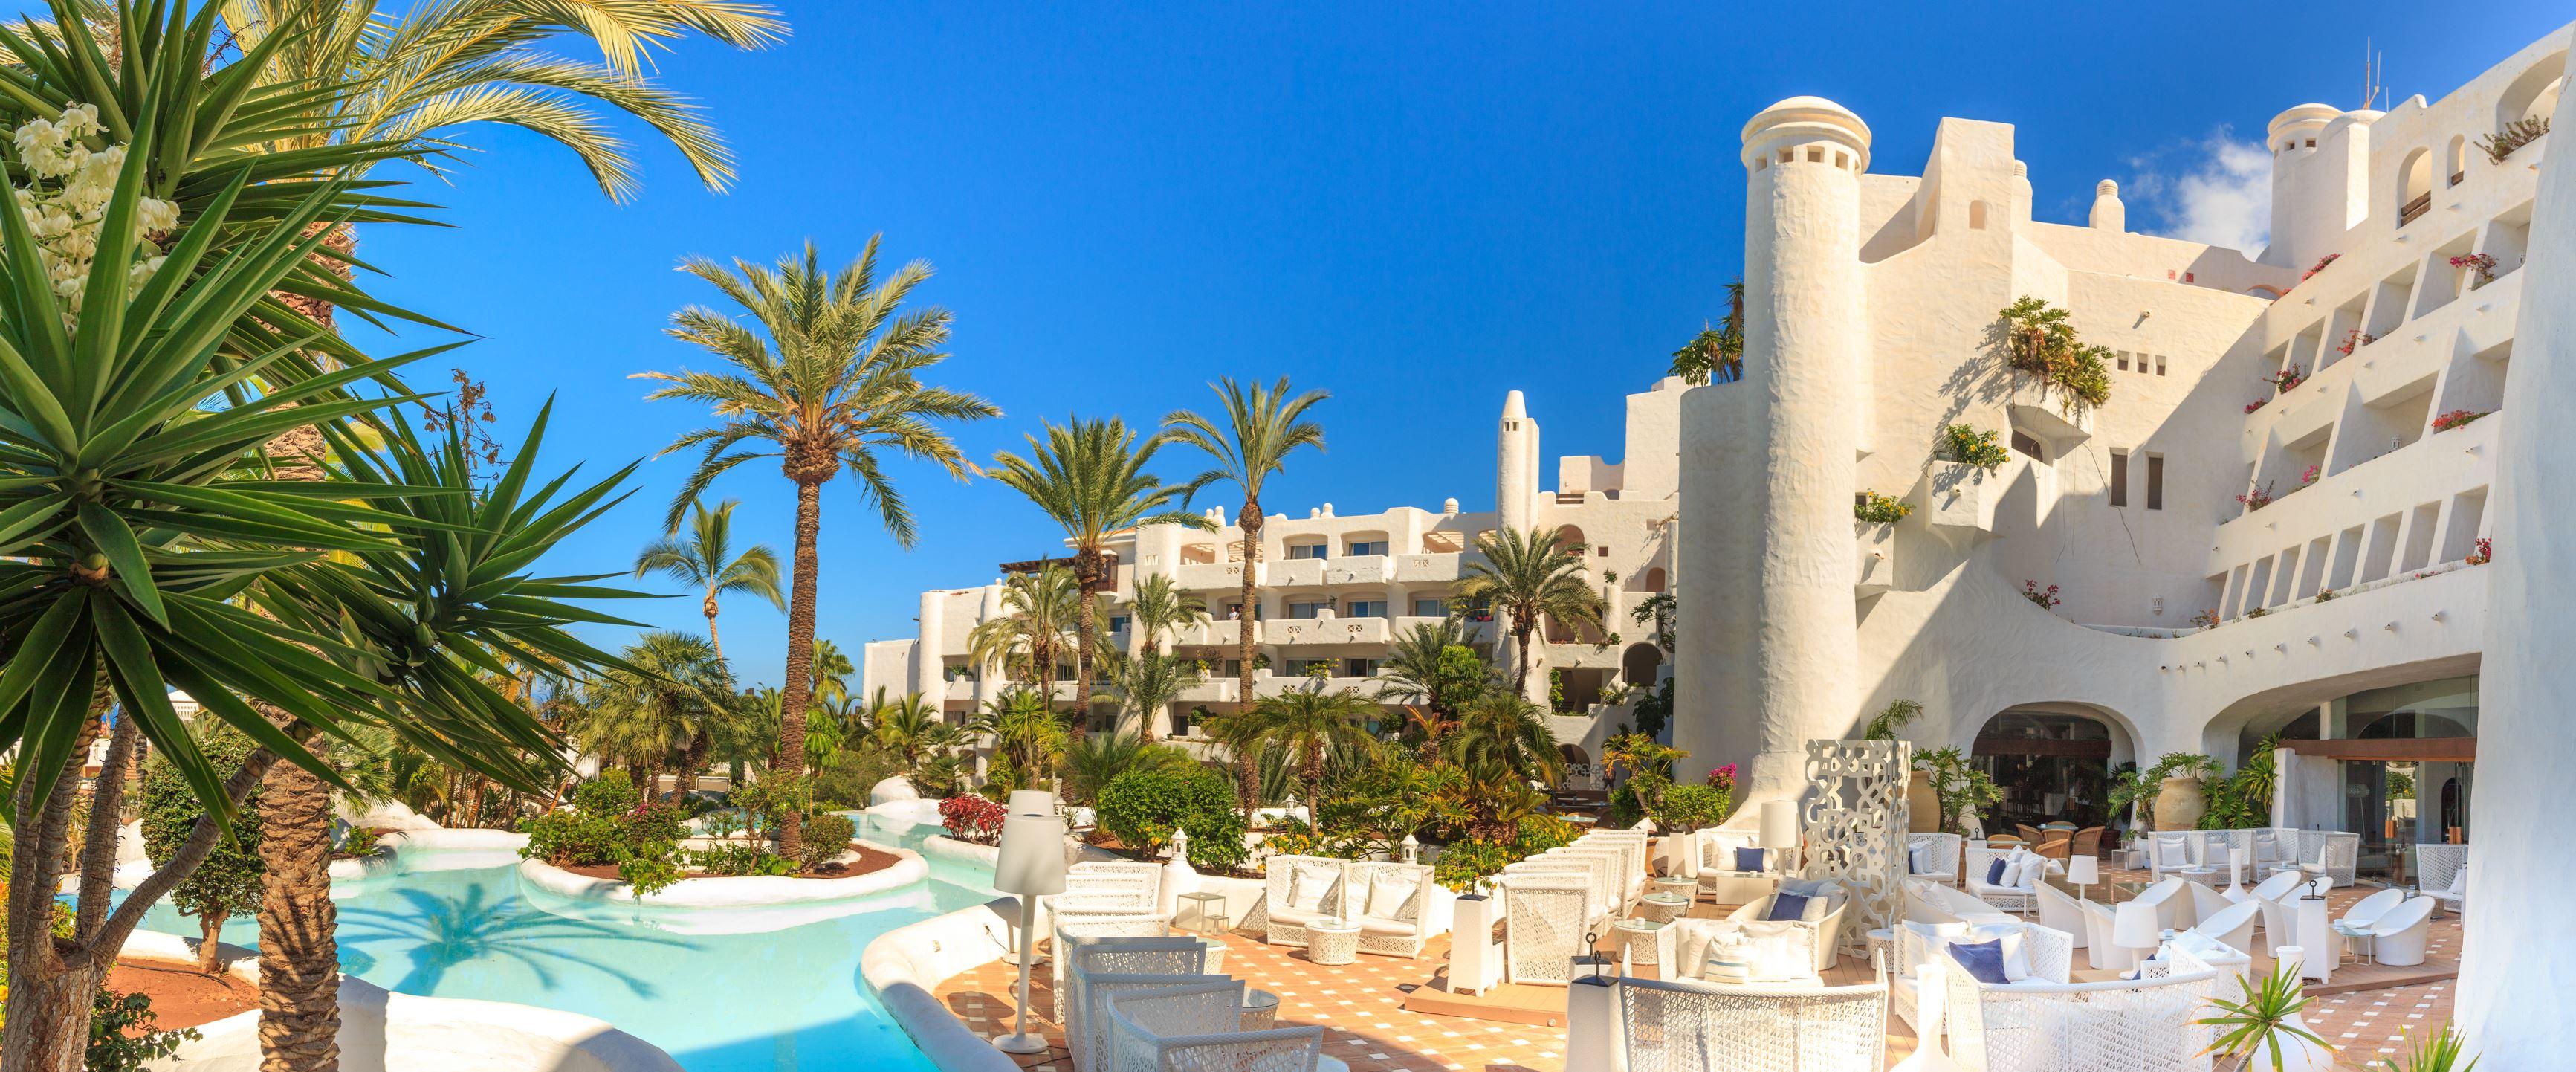 Hotell Jardin Tropical: Beach club & subtropisk trädgård – nära till allt!